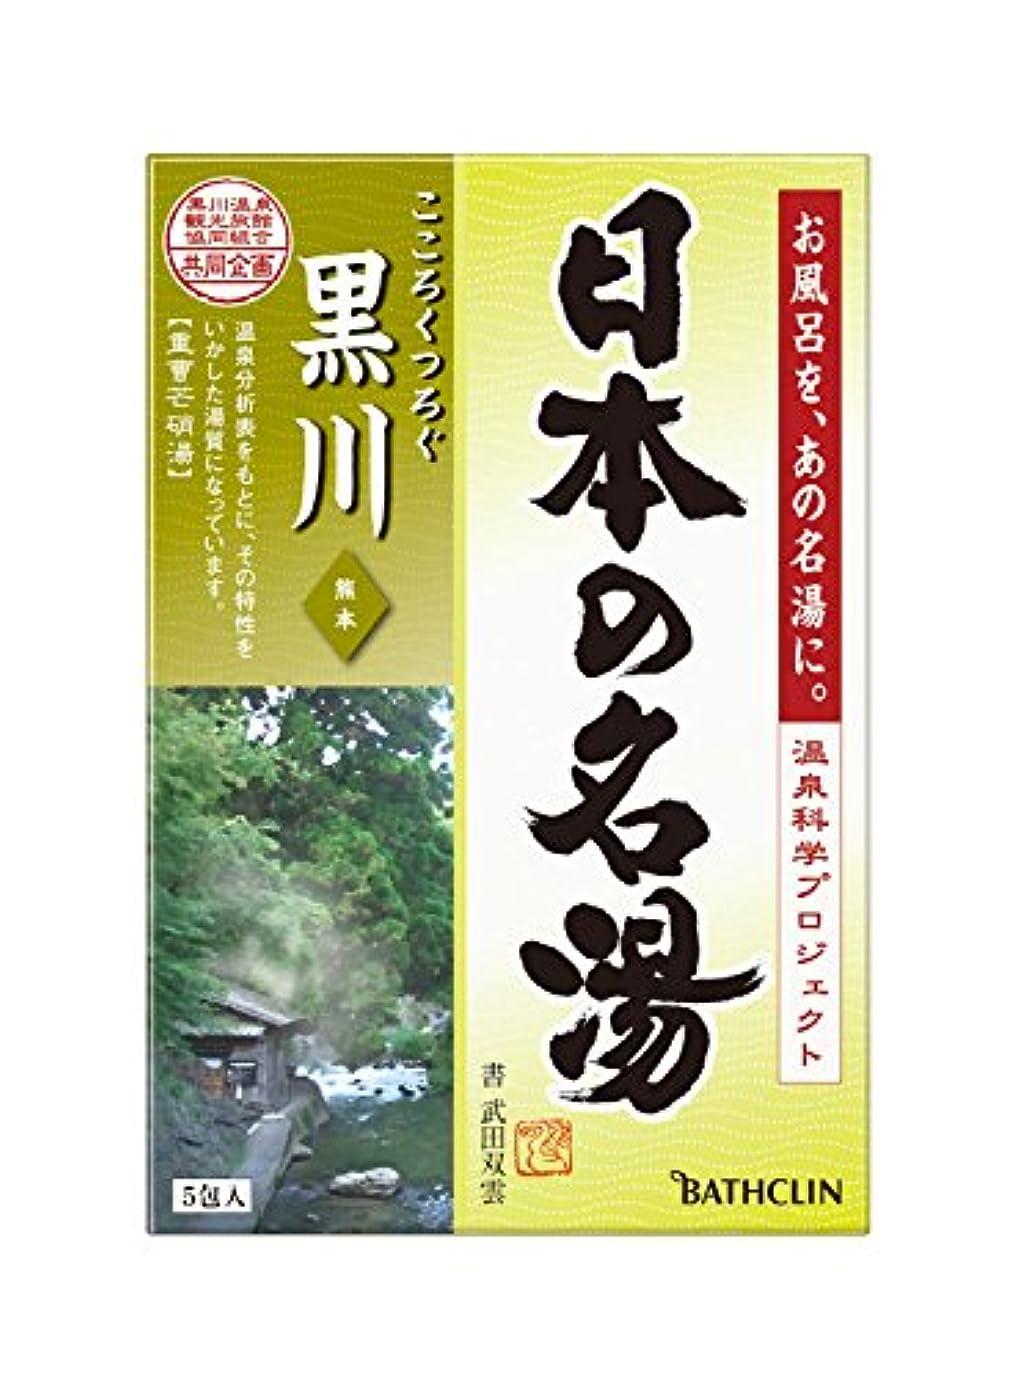 【医薬部外品】日本の名湯入浴剤 黒川(熊本) 30g ×5包 にごりタイプ 個包装 温泉タイプ